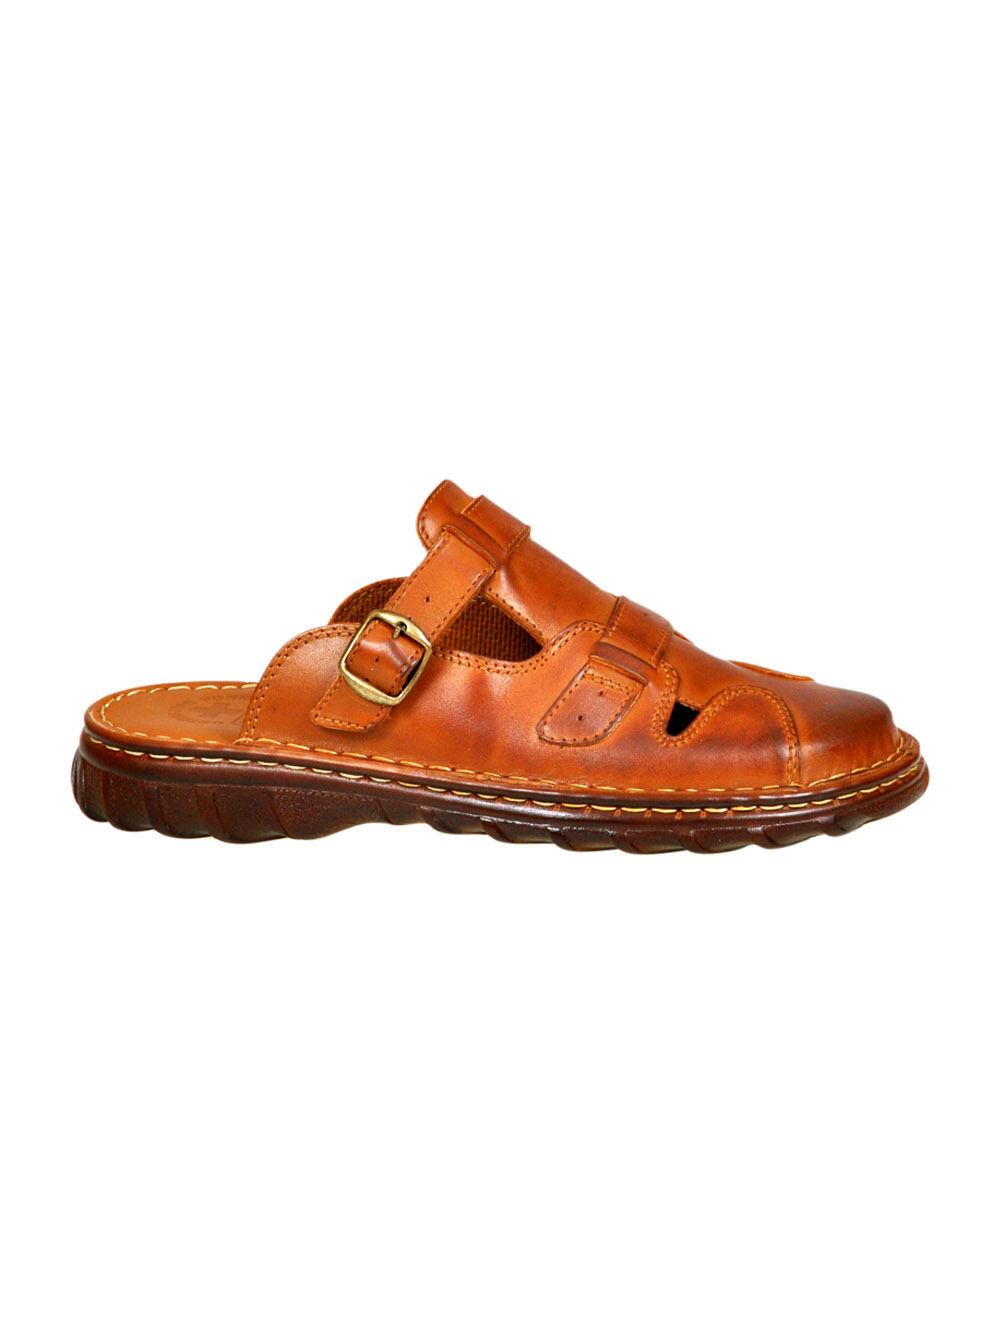 Top Men Orthopedic Genuine Buffalo Leather Sandals Slip On shoes UK Size 7-11